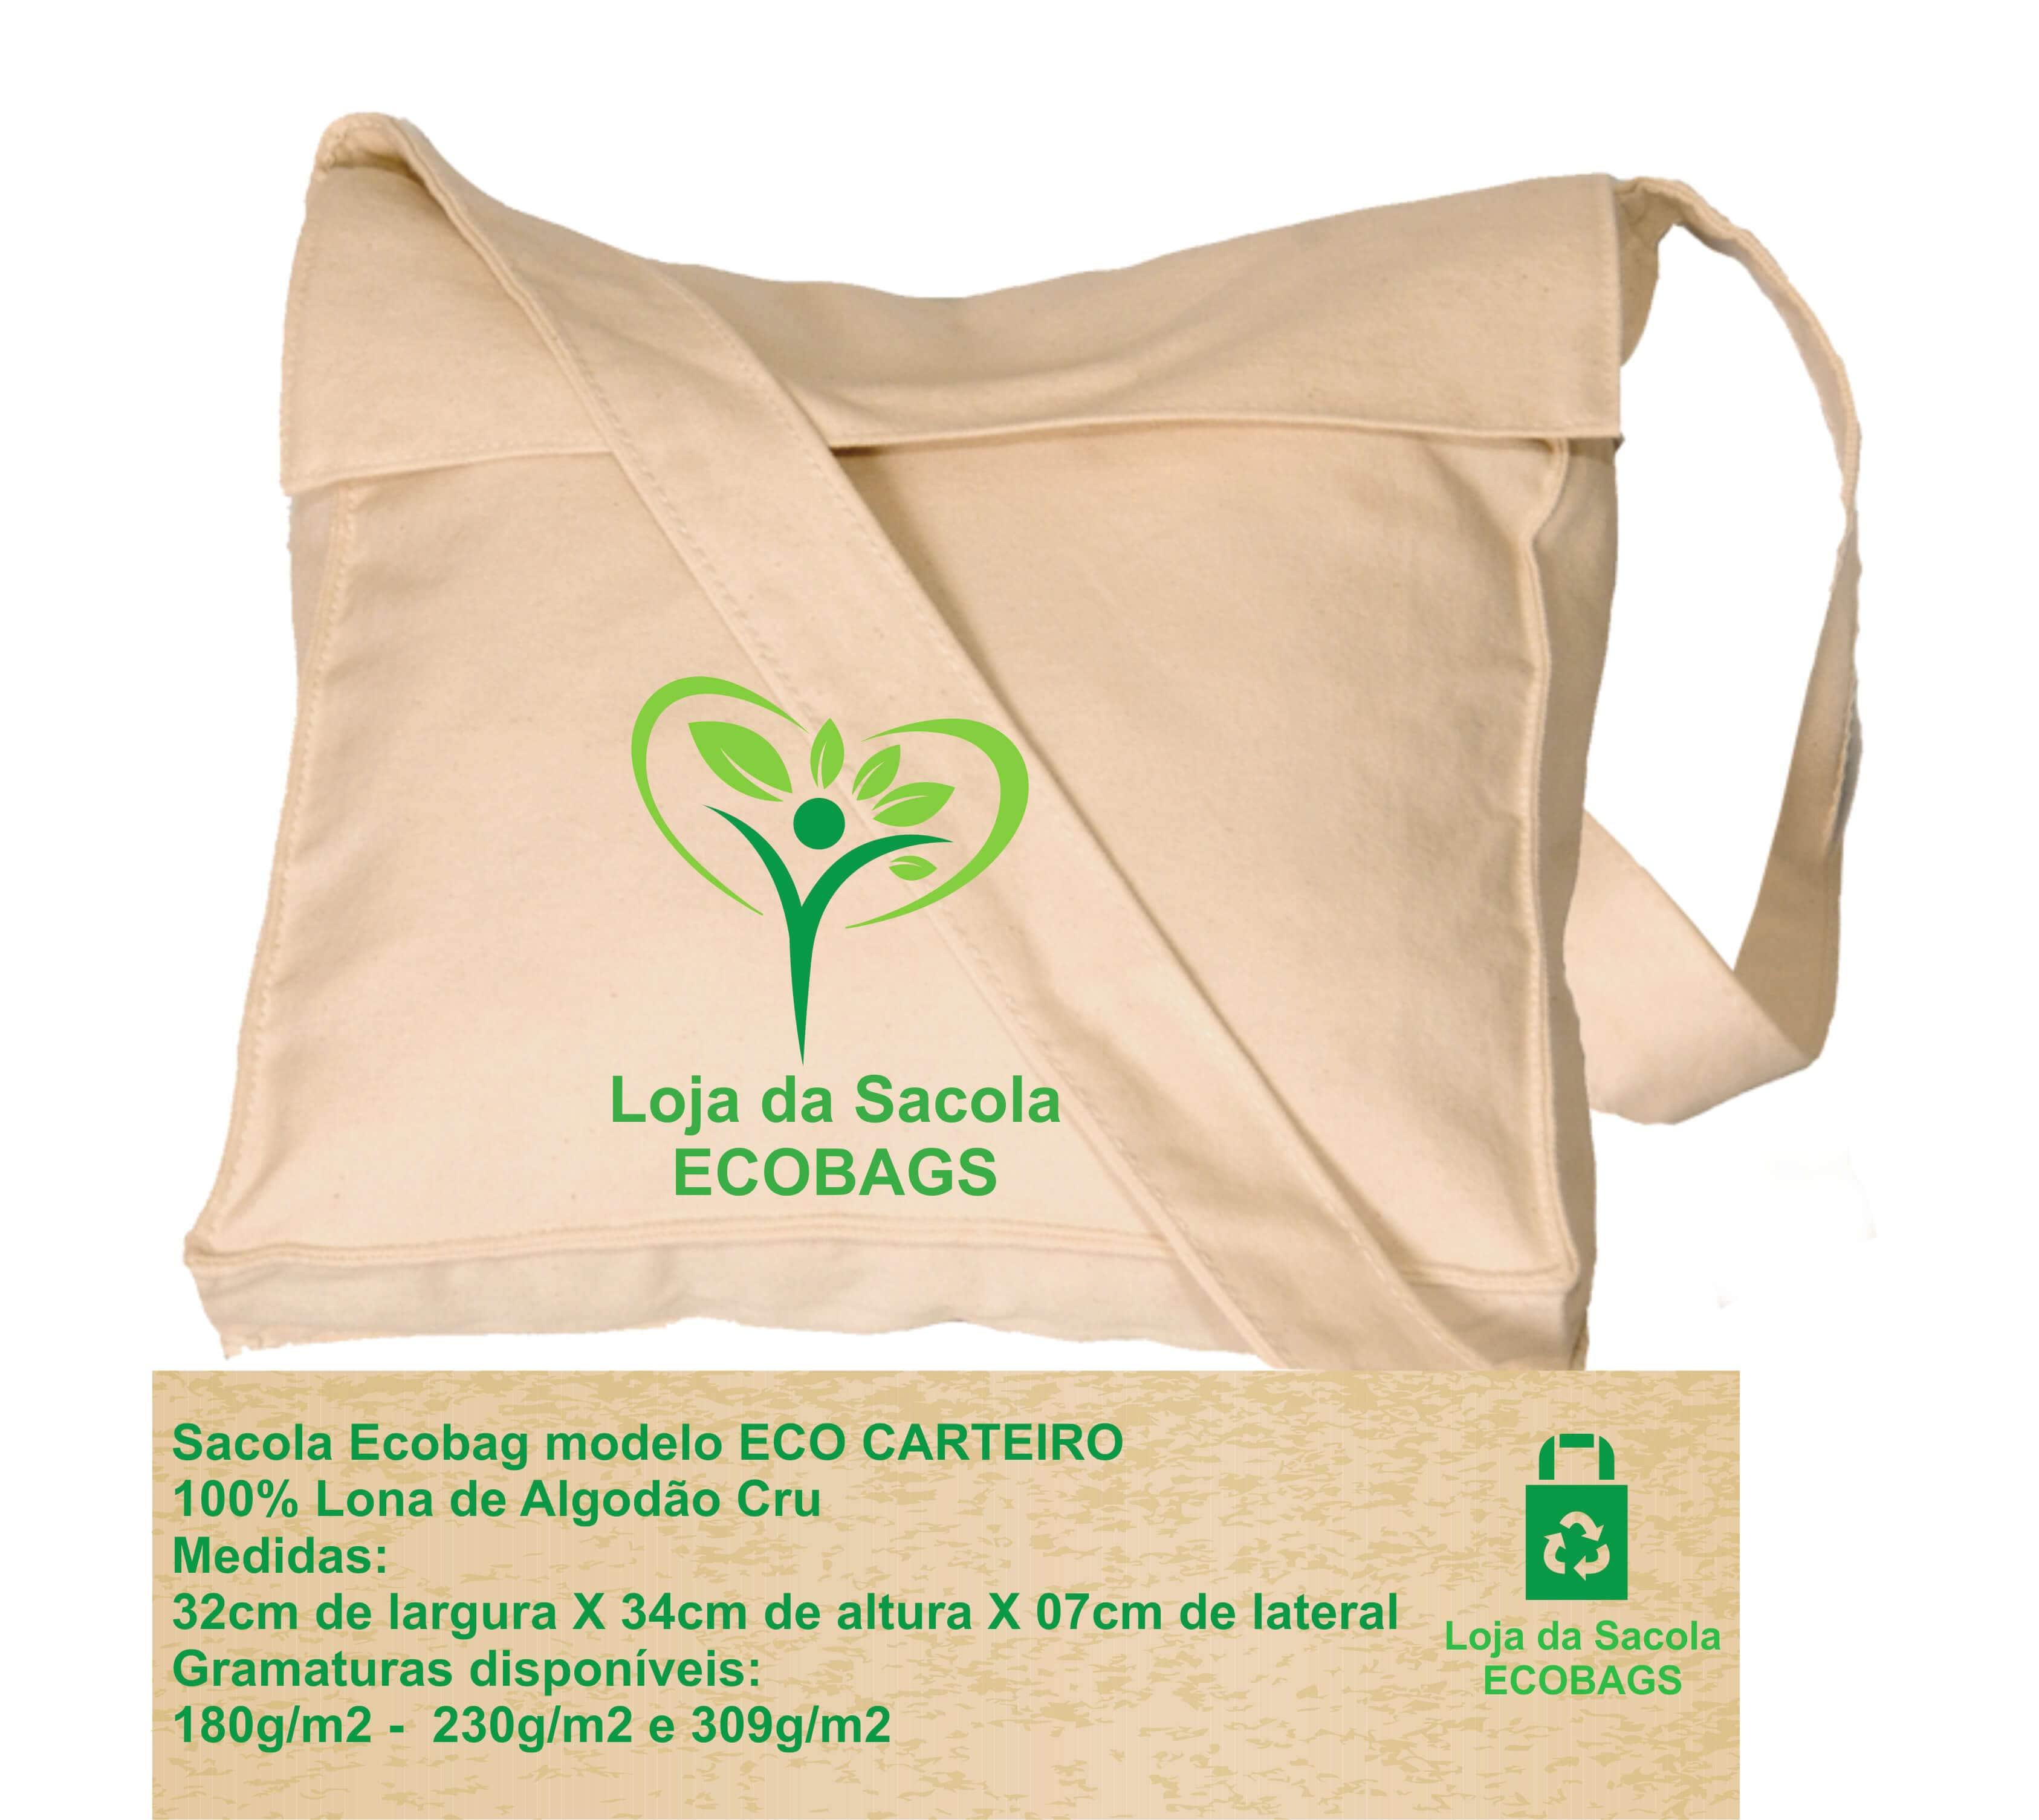 Sacola Ecobag Eco Carteiro